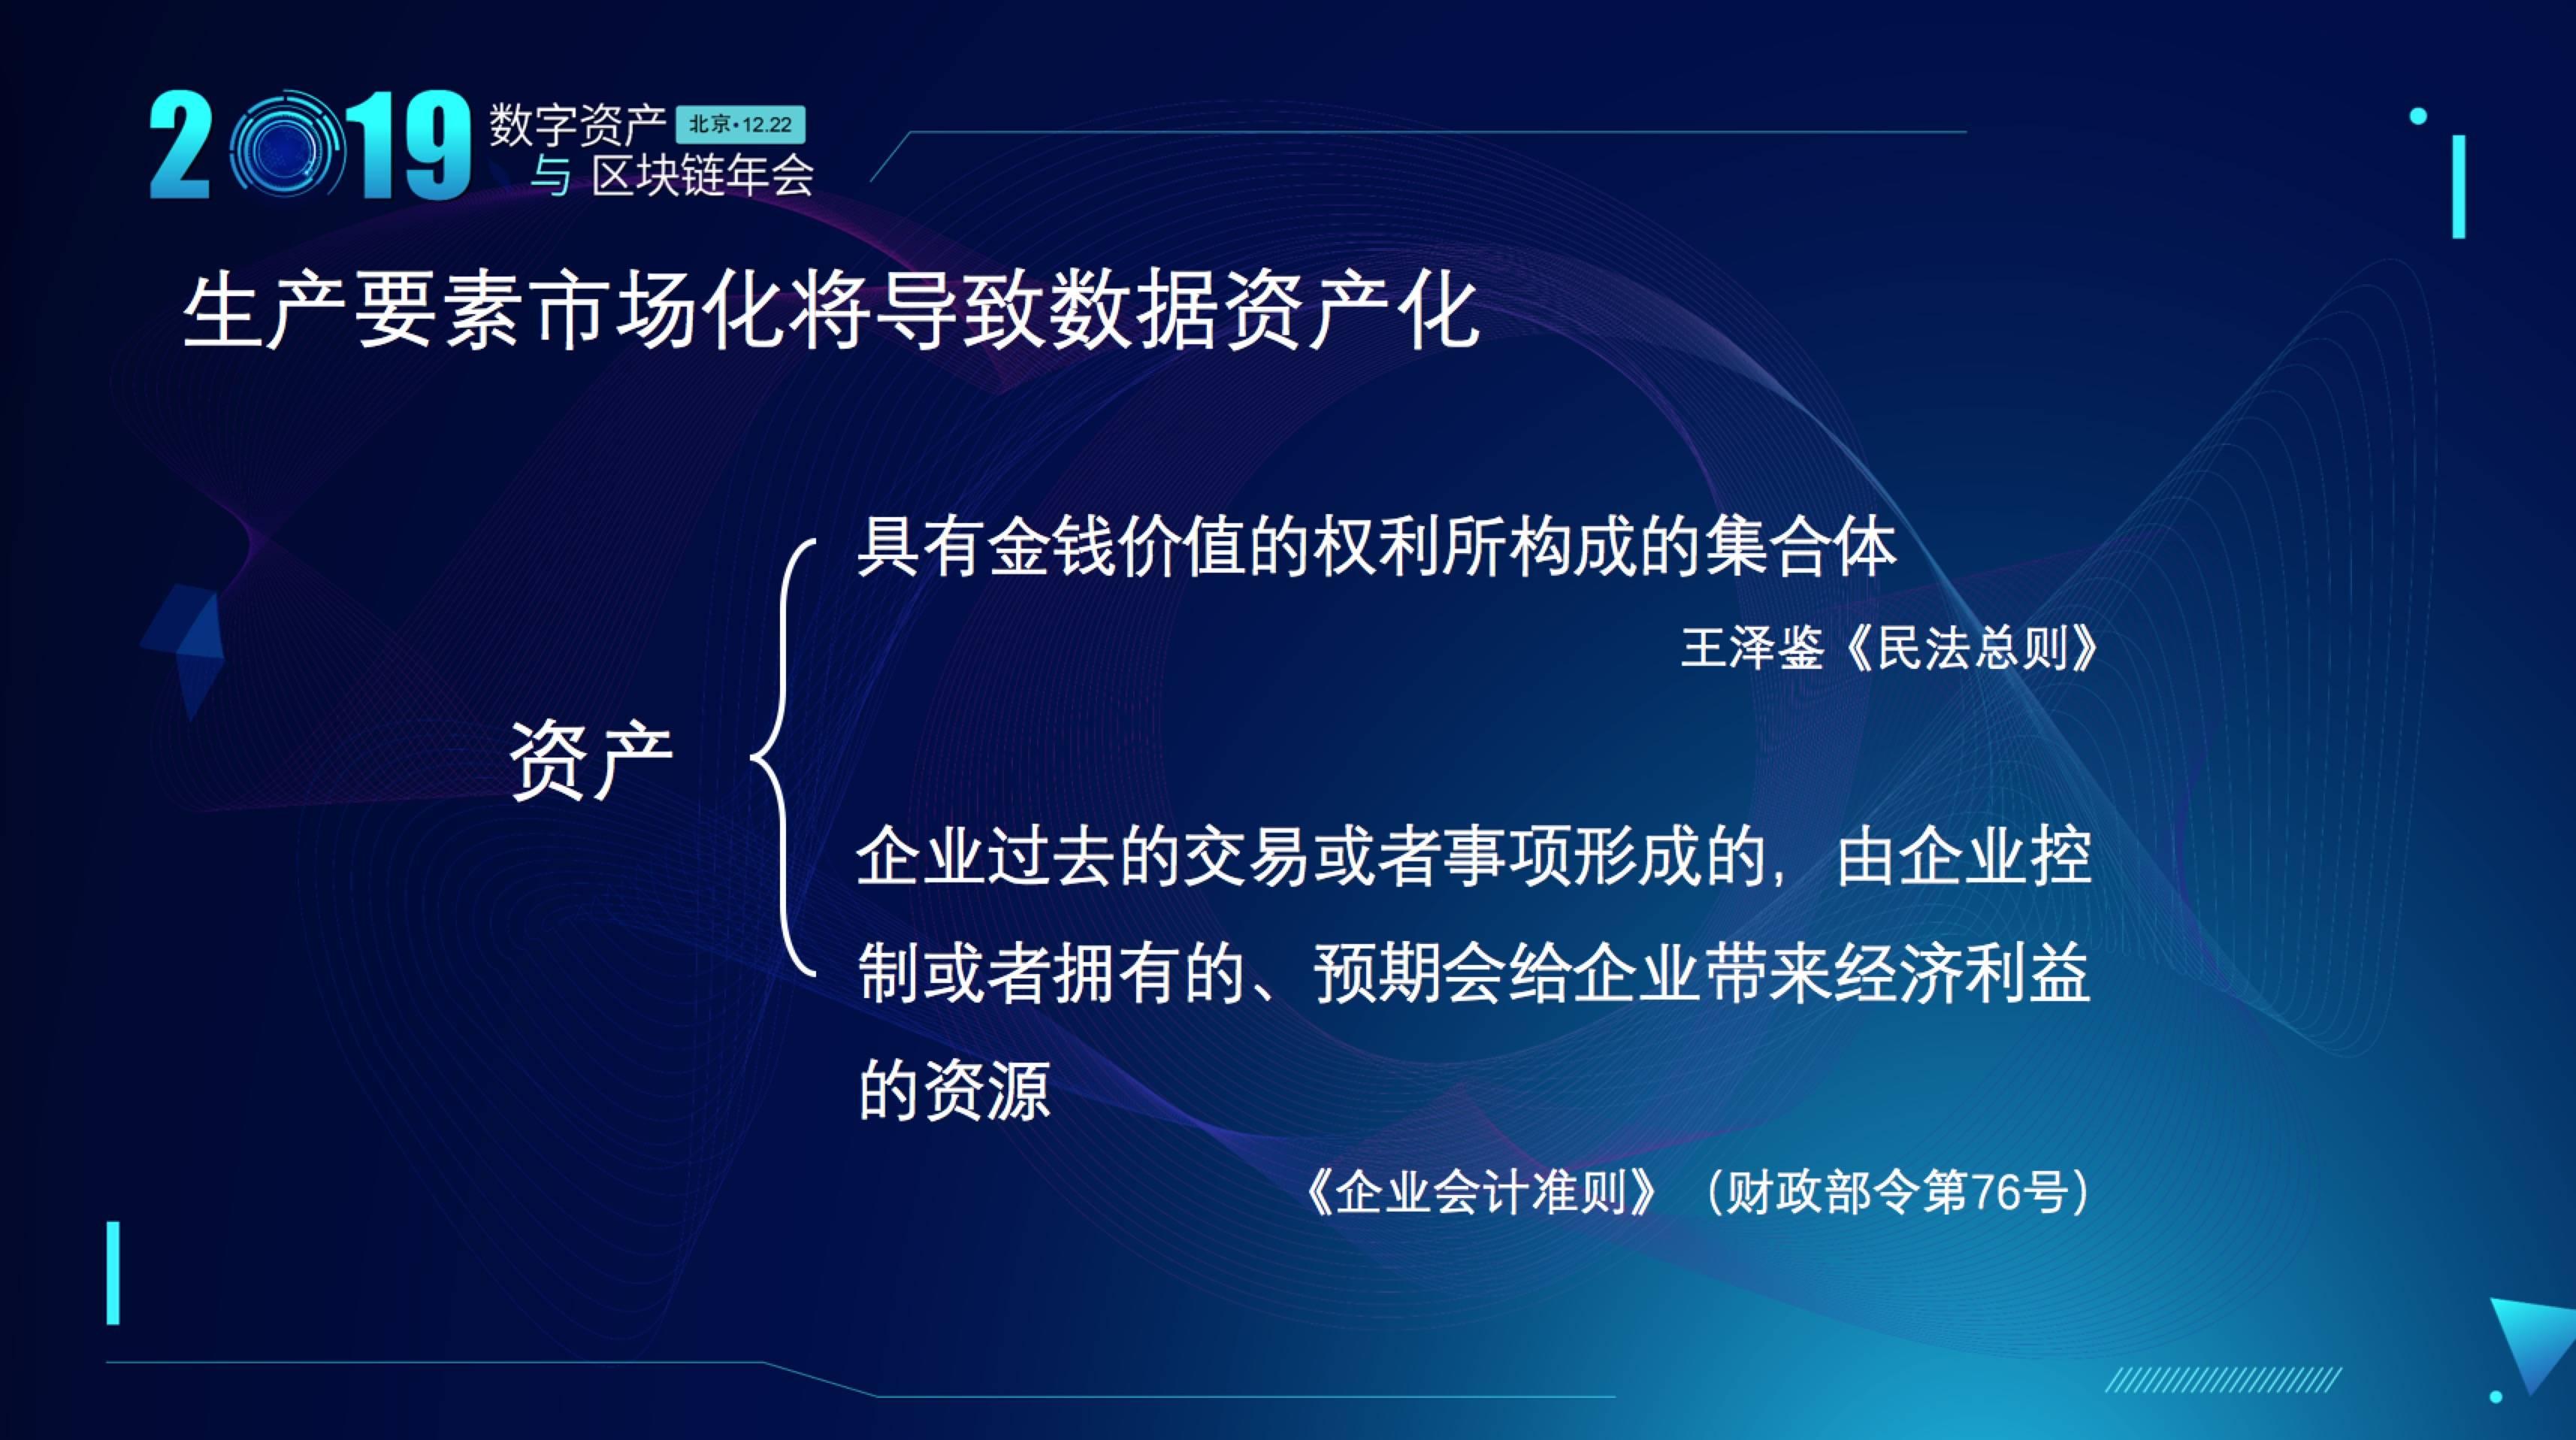 孟岩:数字经济升级引发新全球竞争,区块链开启数字文明新篇章